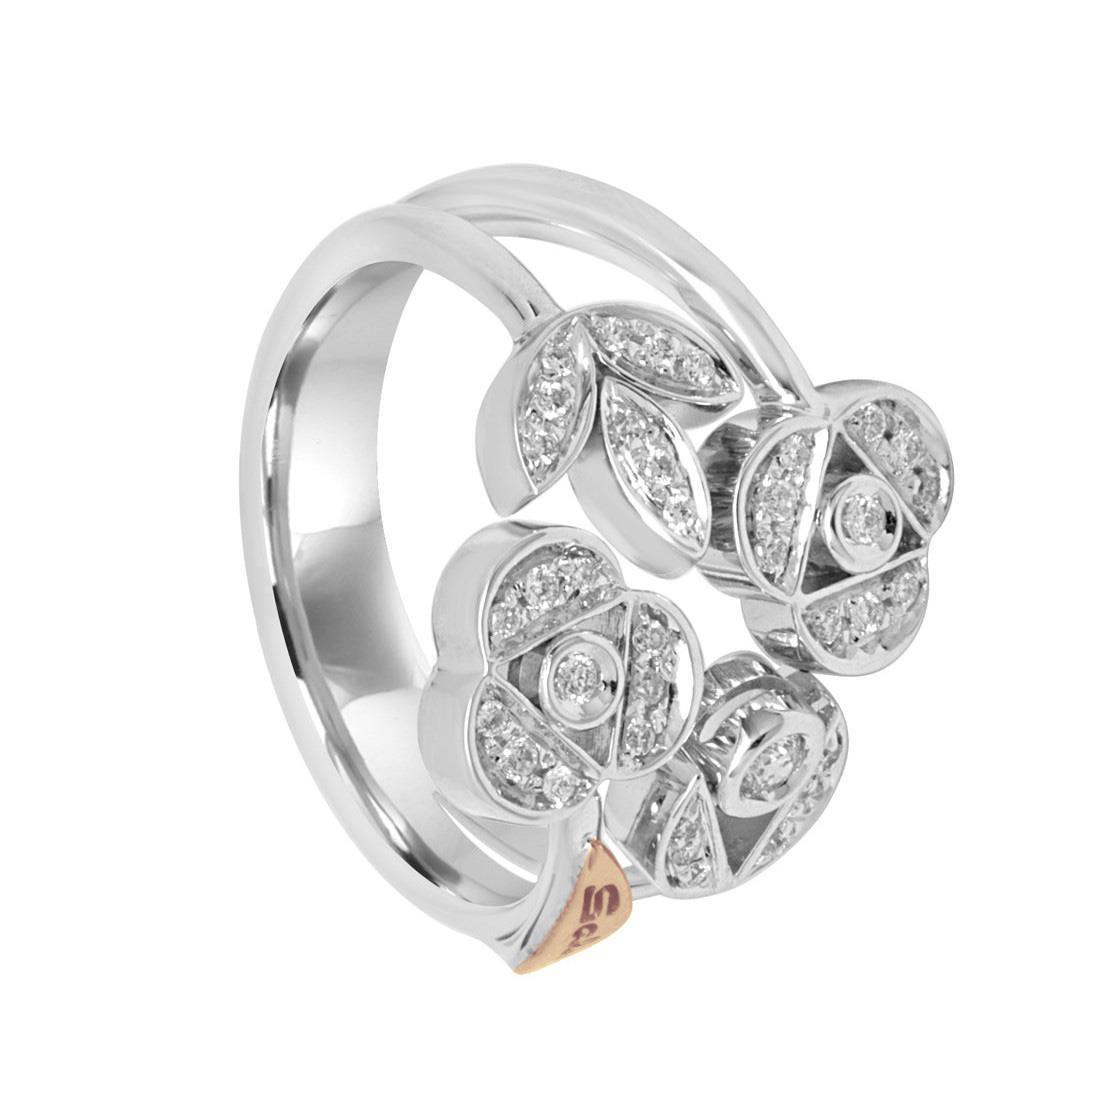 Anello in oro bianco con diamanti mis 15 - SALVINI